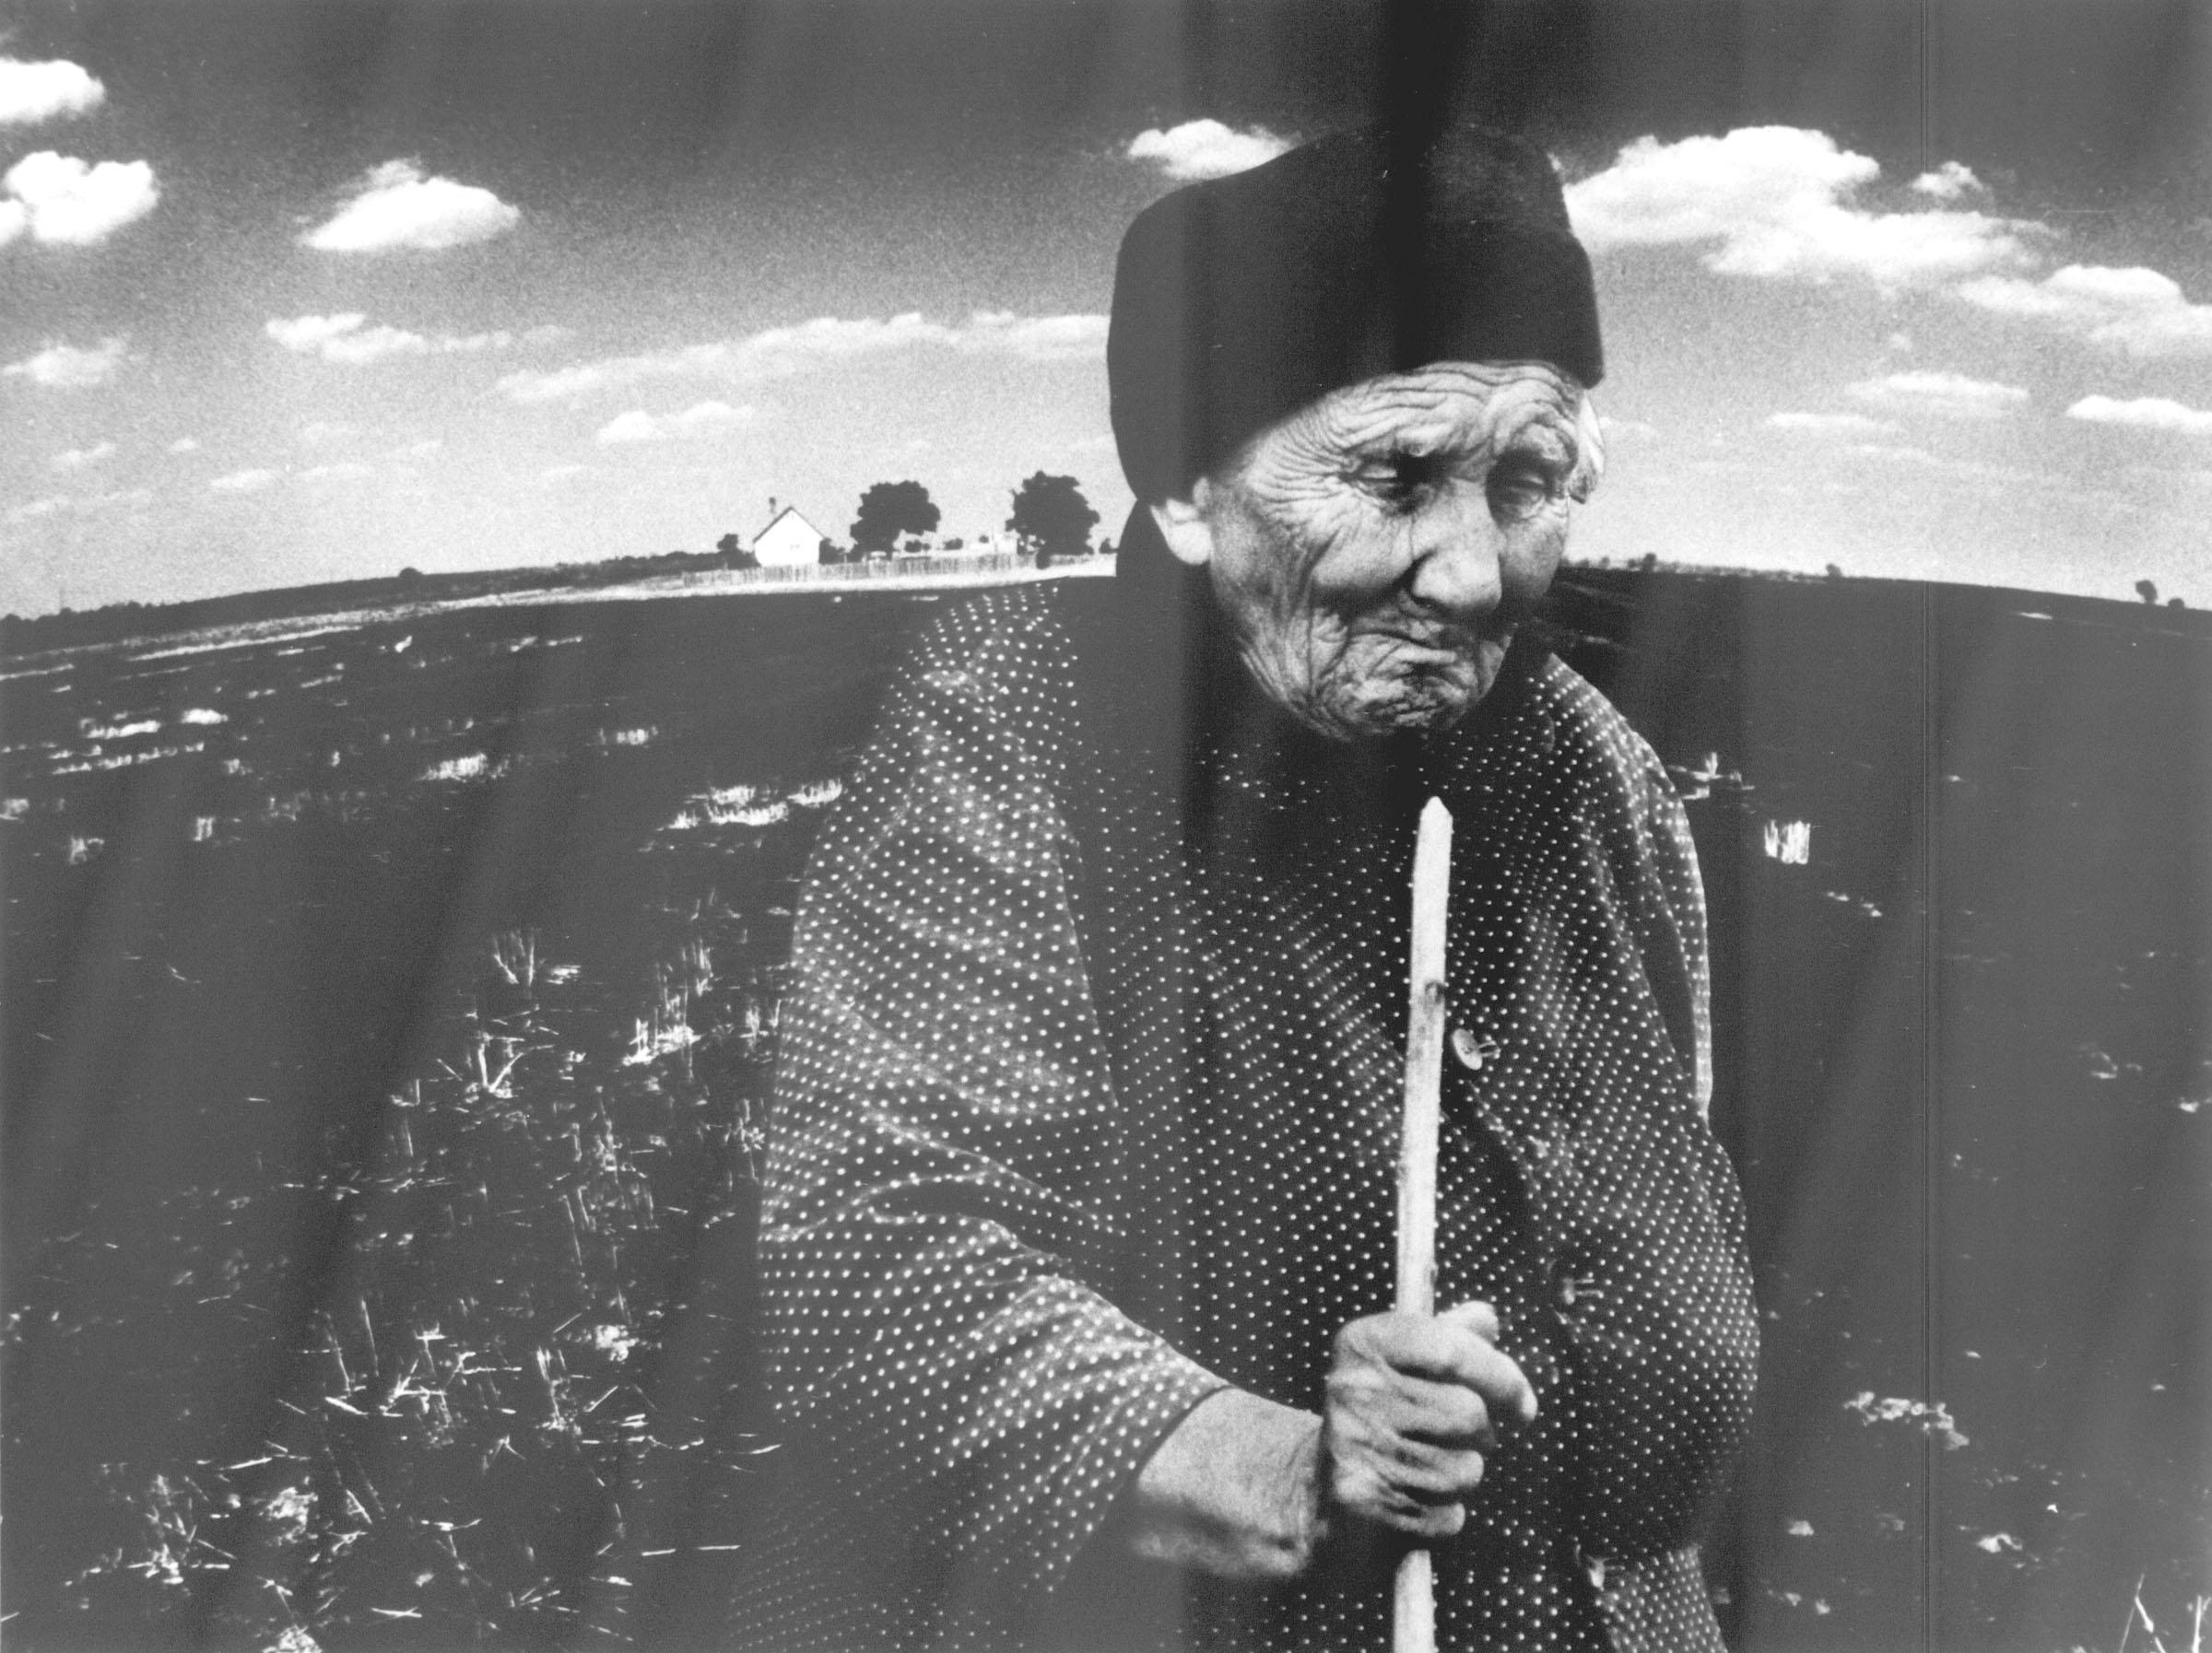 2004.09.18. Hétköznapok fotópályázat - Juhász Miklós - Egyedül.jpg